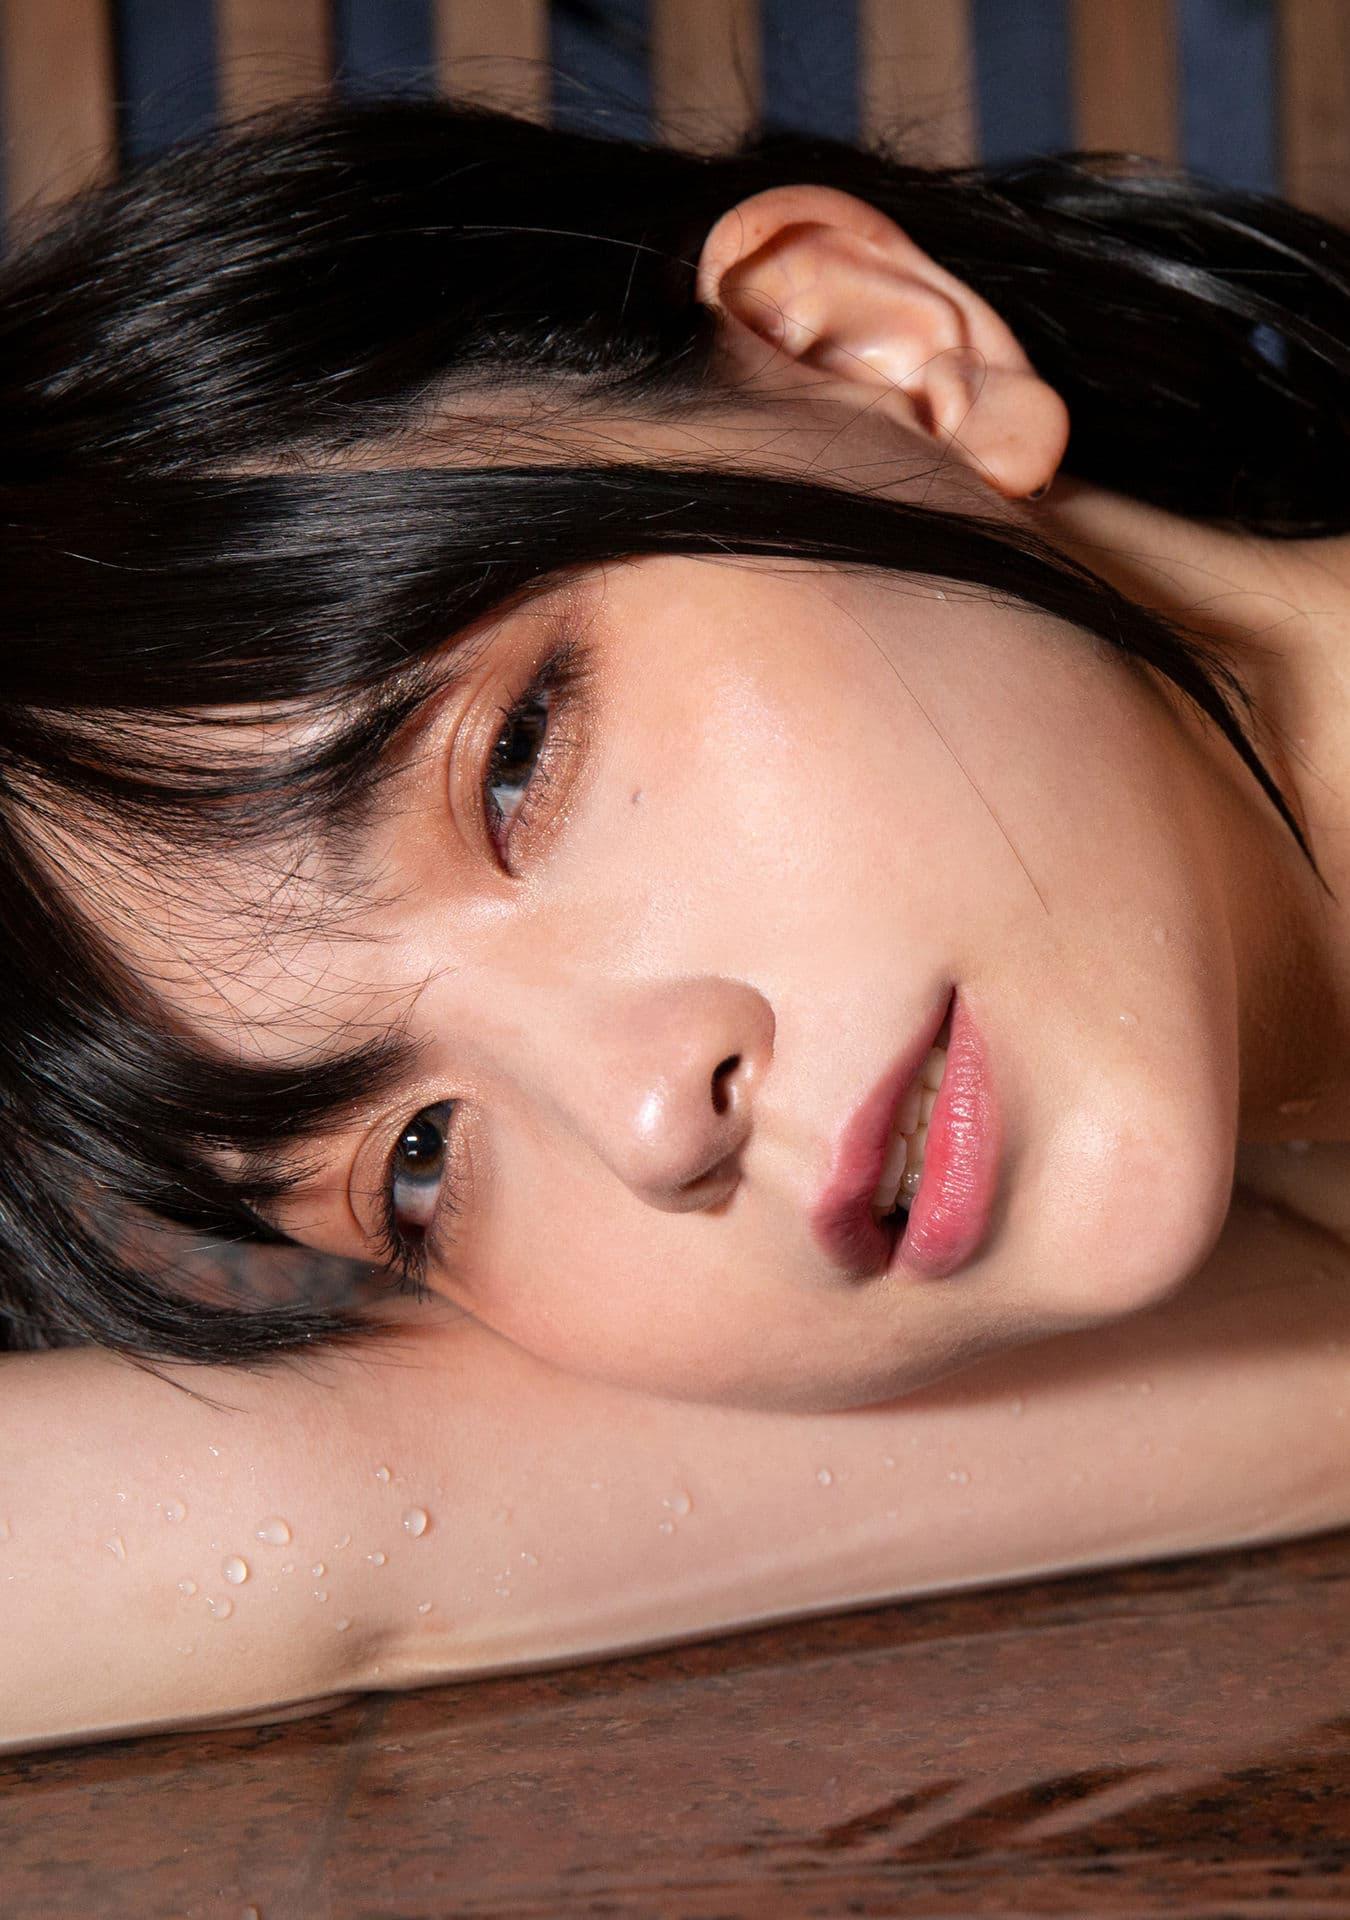 グラビアアイドル写真集|ミステリアスな魅力を持った2.5次元モデルのあまつまりな(あまつ様)グラビア画像まとめ4 100枚